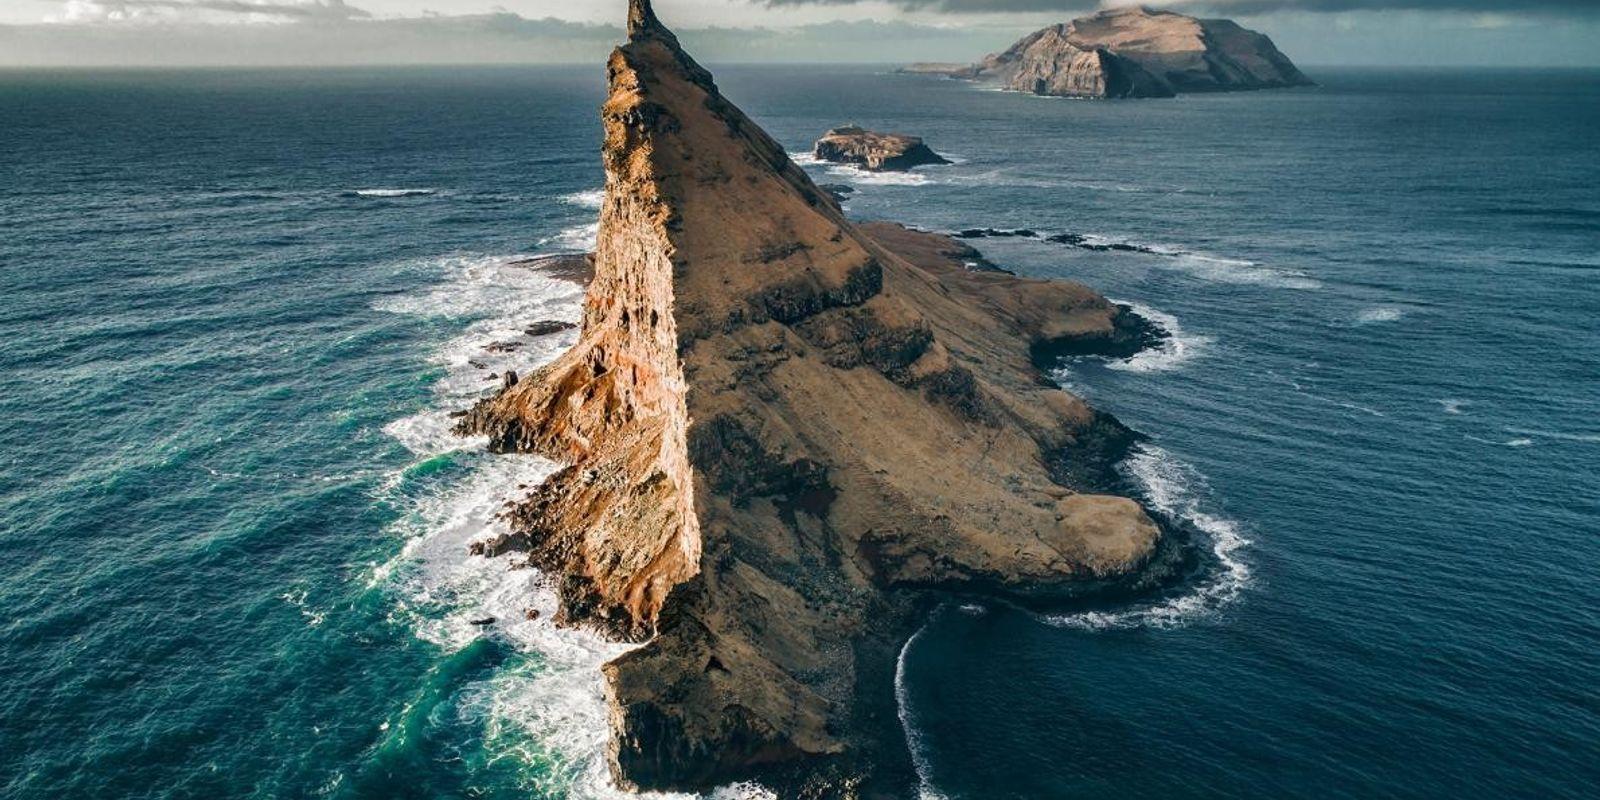 Quand les drones capturent la beauté de notre planète